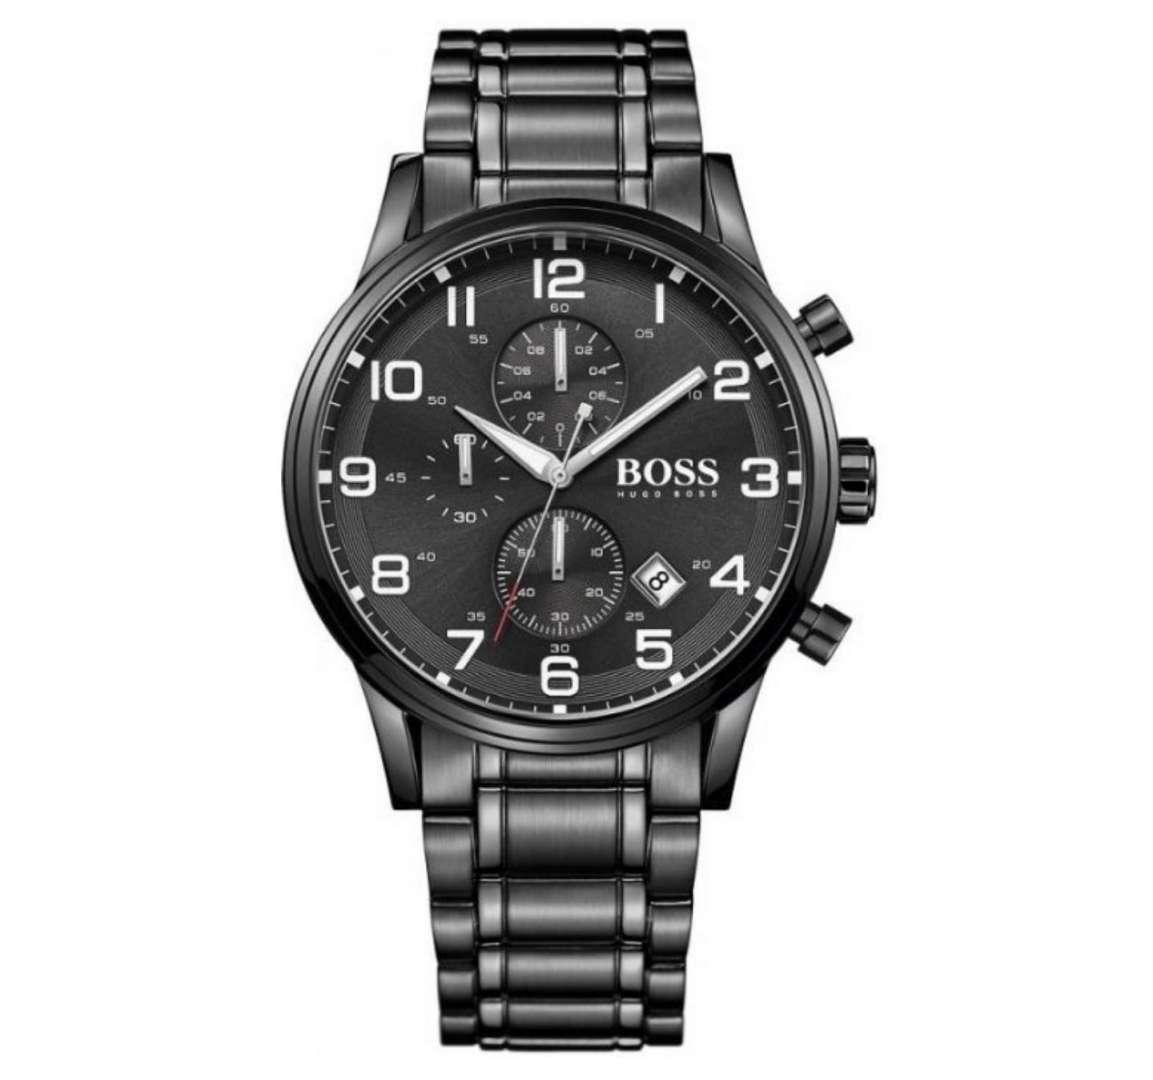 שעון יד אנלוגי לגבר hugo boss 1513180 הוגו בוס